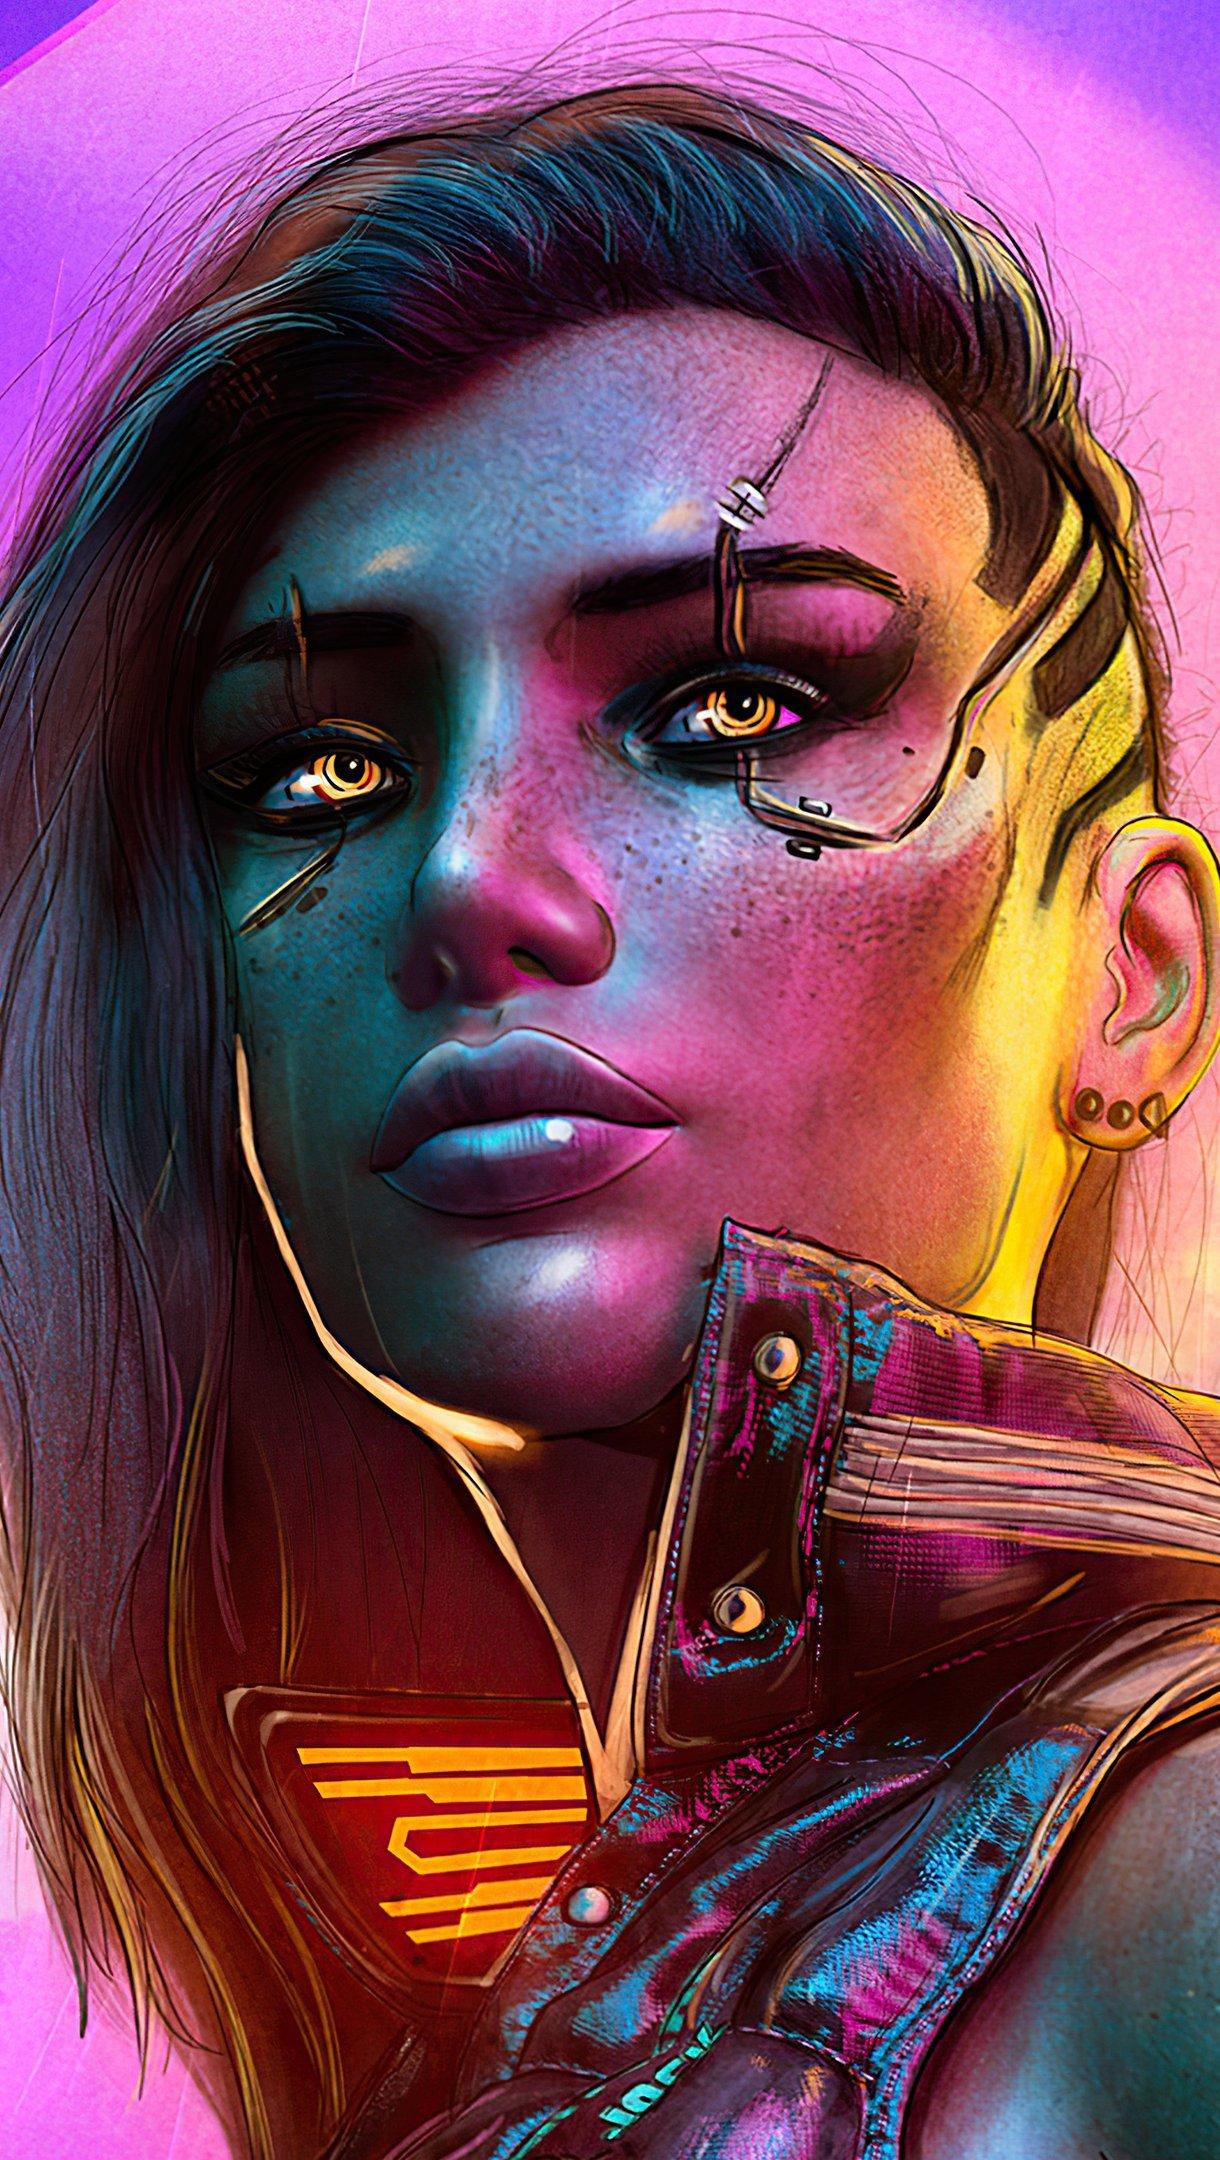 Fondos de pantalla Chica Estilo Cyberpunk 2077 Vertical